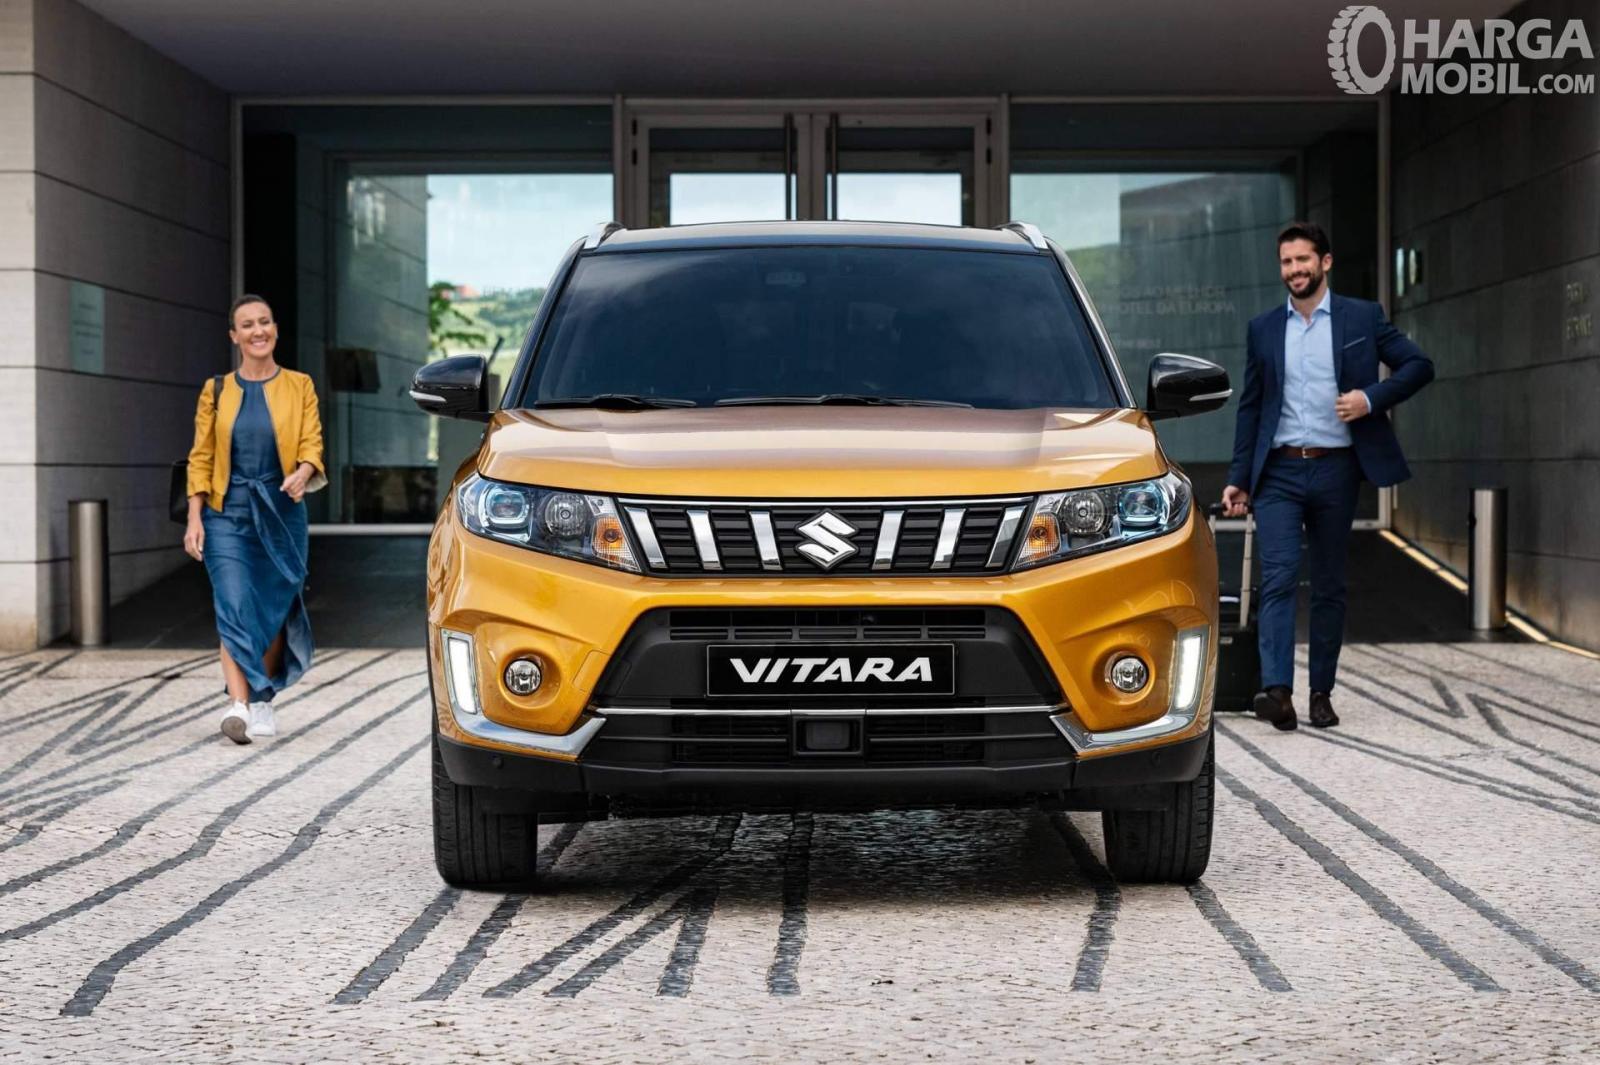 Eksterior depan Suzuki Vitara 2019 menghadirkan dua buah lampu LED Projector pada varian tertingginya